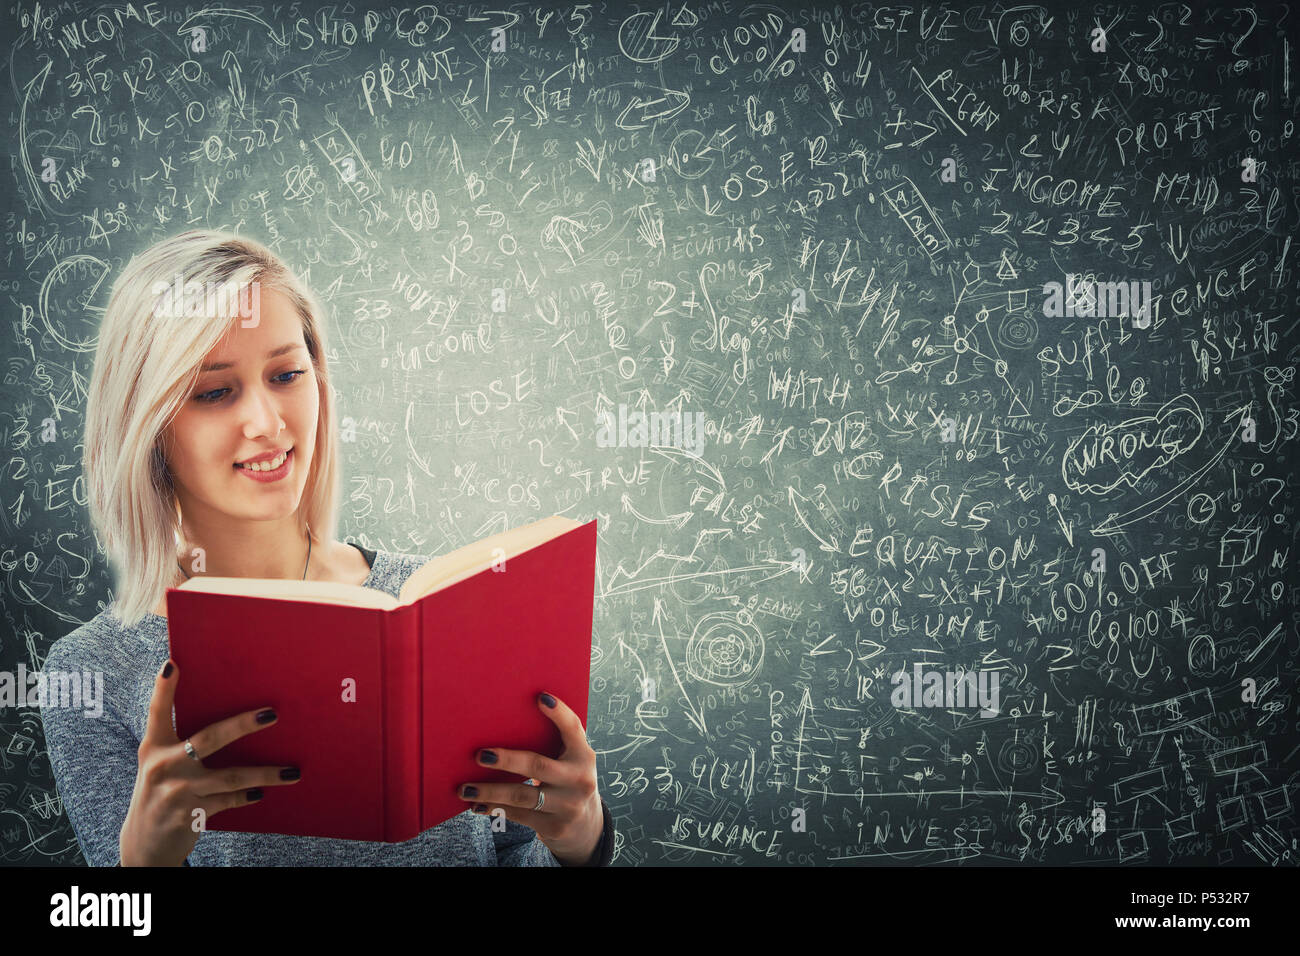 Lehrer hält ein rotes Buch vor einer riesigen Tafel versuchen Mathematik Berechnung, Formeln und Gleichungen zu lösen. Denken von Projektideen ein Stockfoto